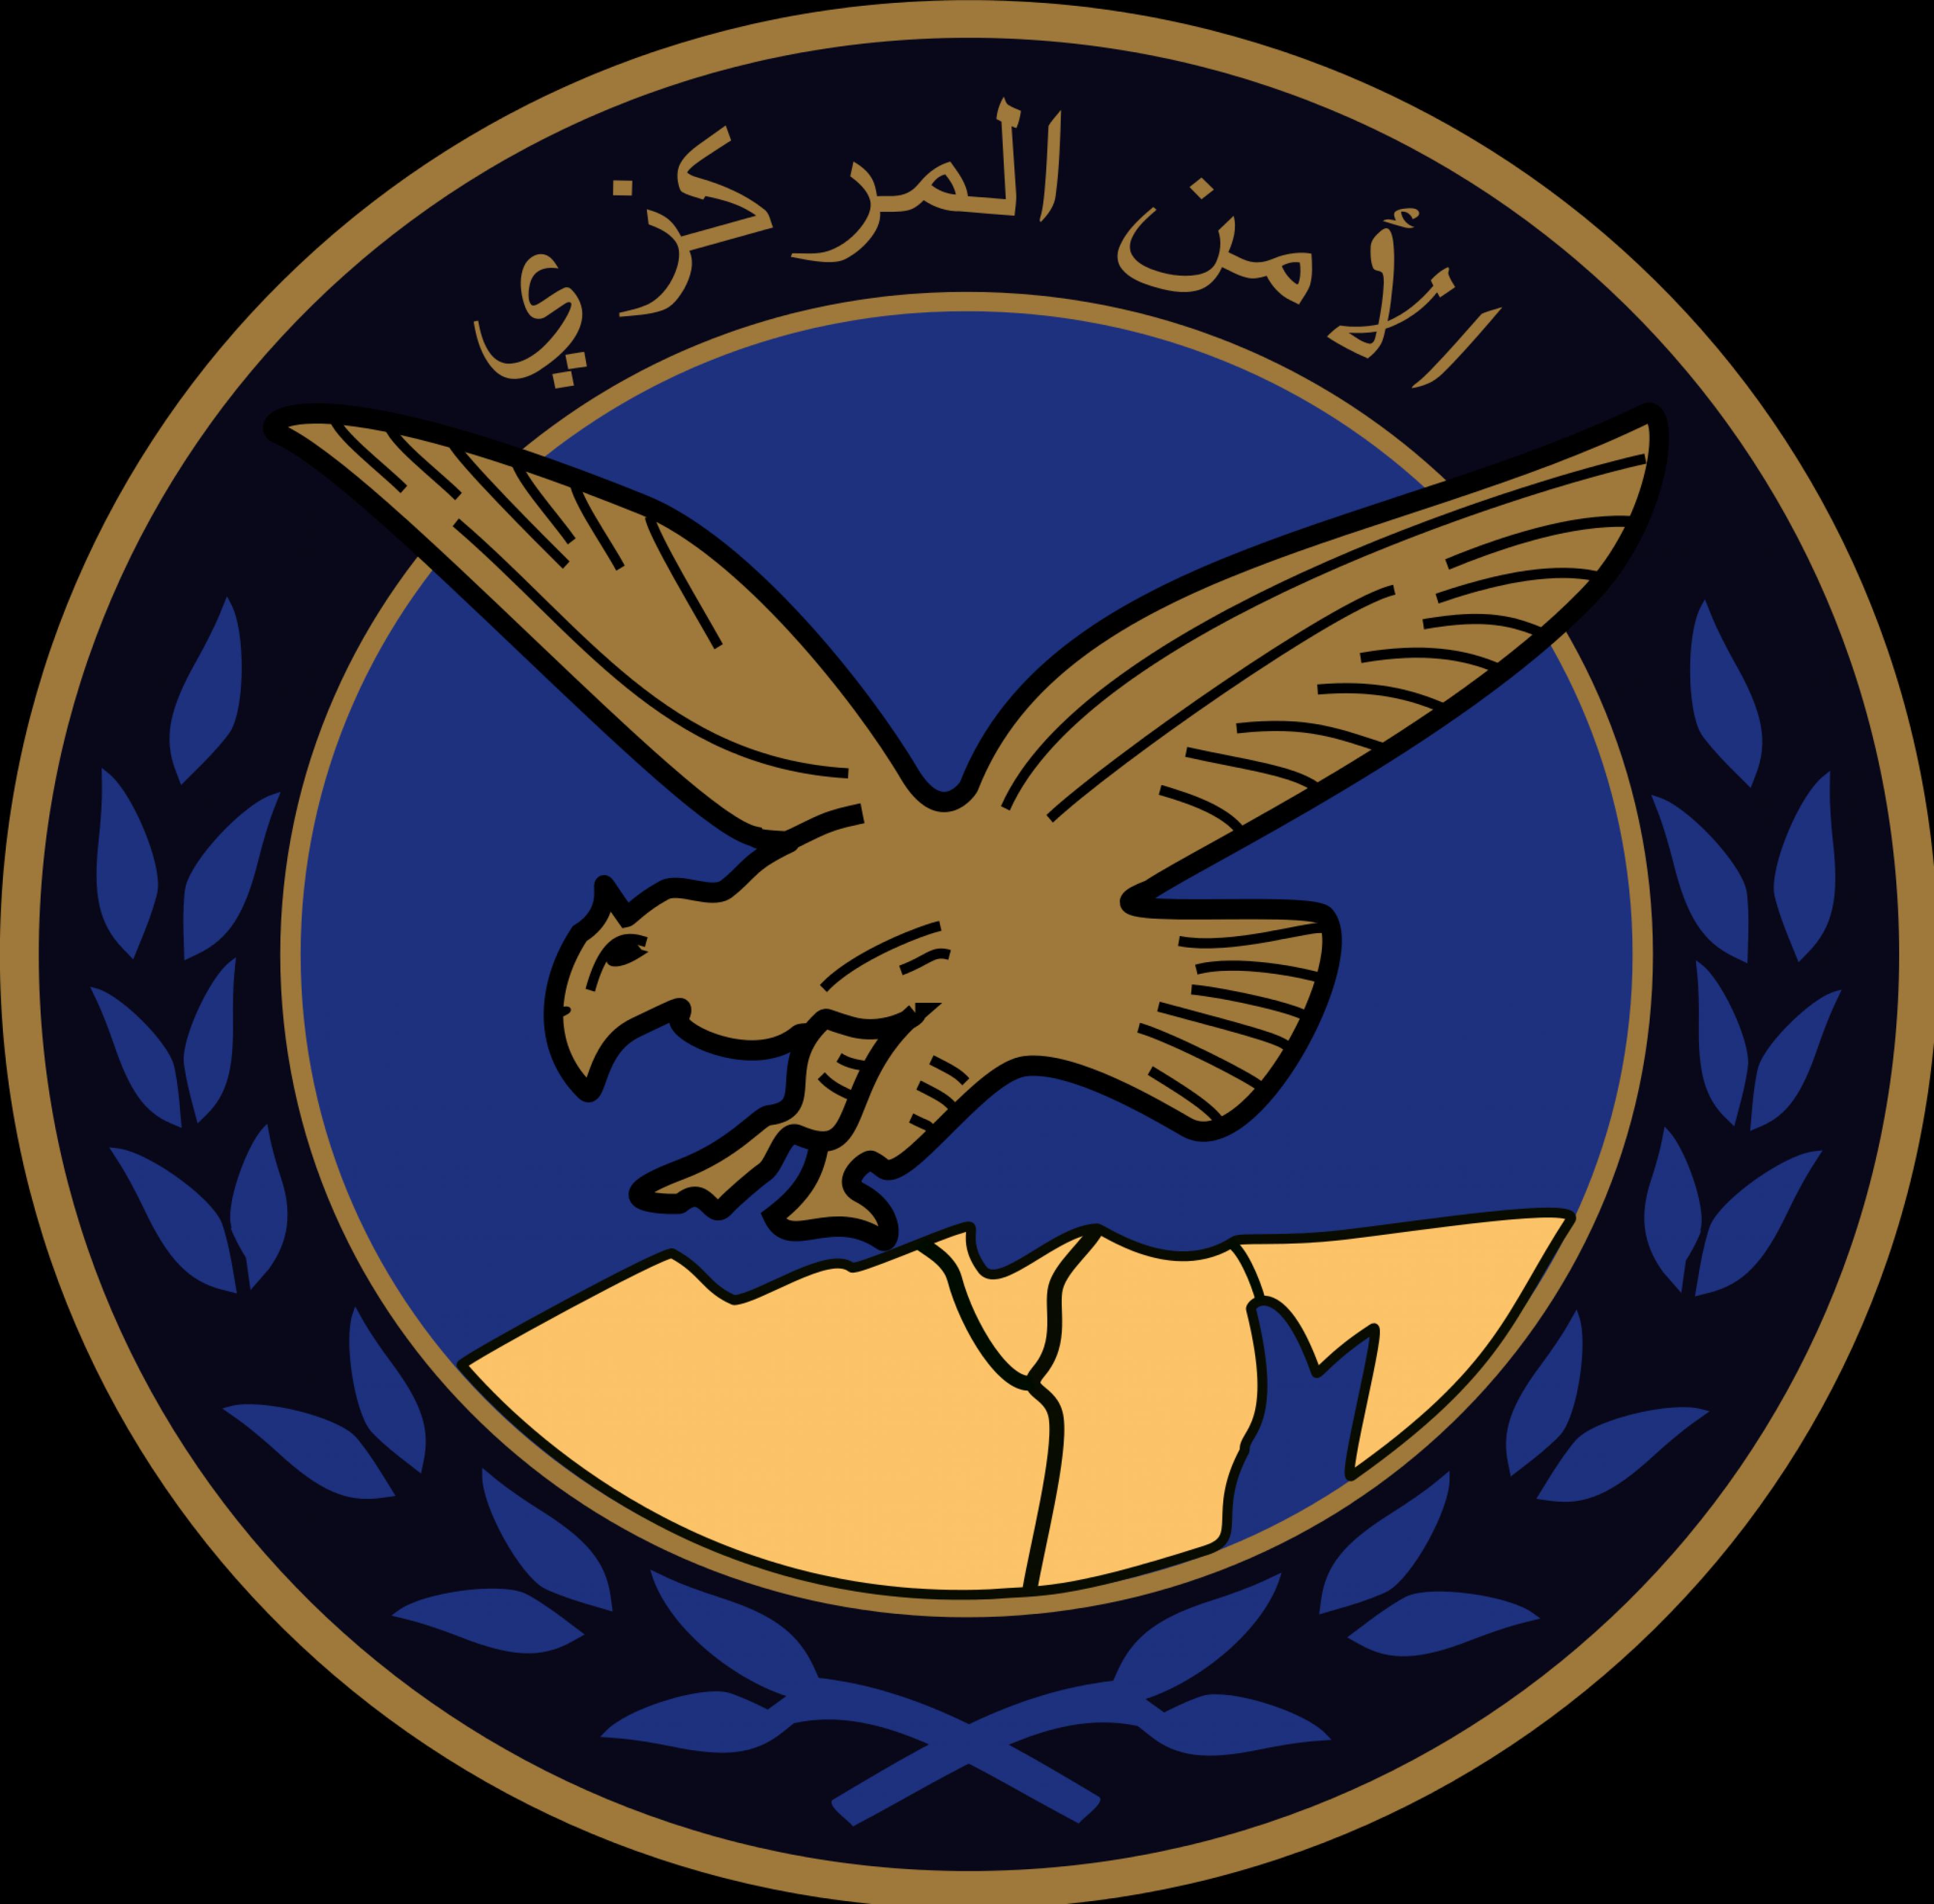 بالصور شعار وزارة الداخلية المصرية 20160702 26